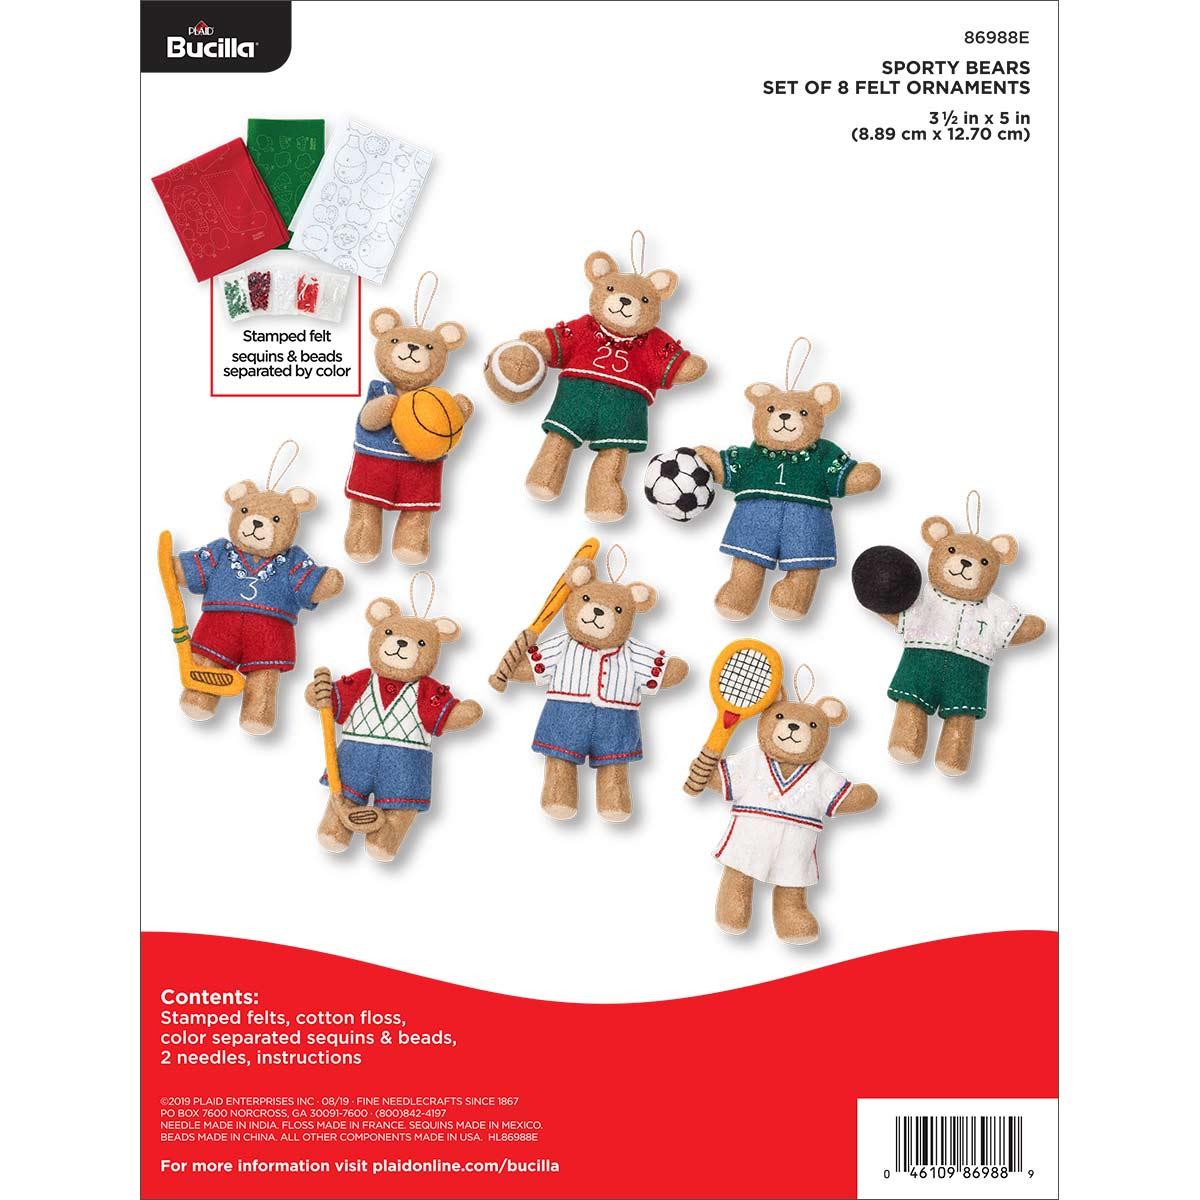 Bucilla ® Seasonal - Felt - Ornament Kits - Sporty Bears - 86988E